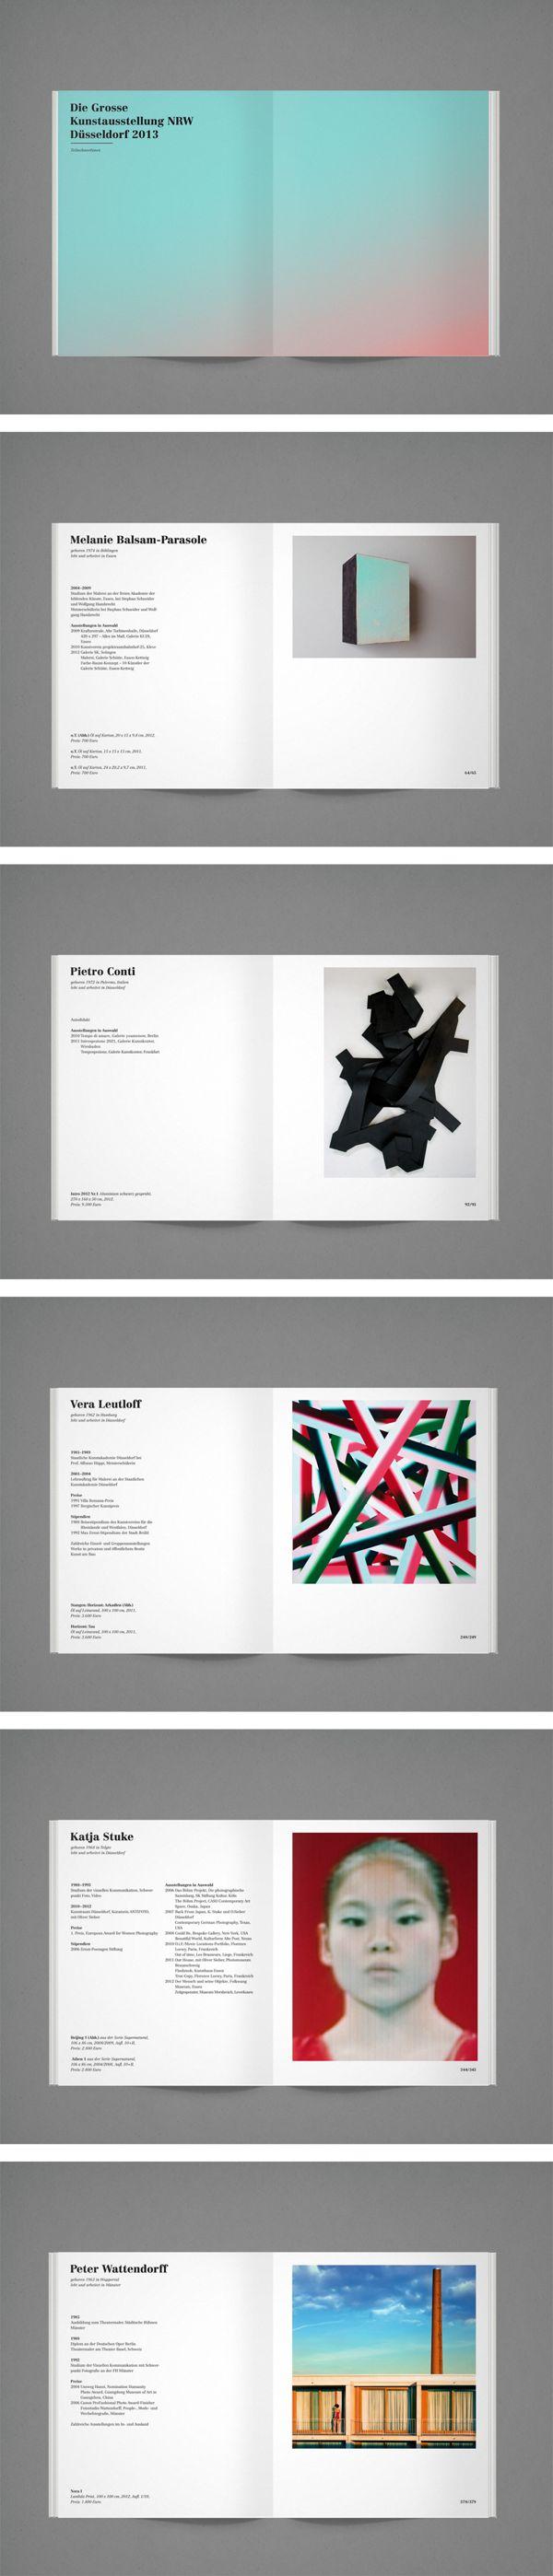 DIE GROSSE Kunstausstellung NRW - Exhibition Catalogue by MORPHORIA DESIGN COLLECTIVE